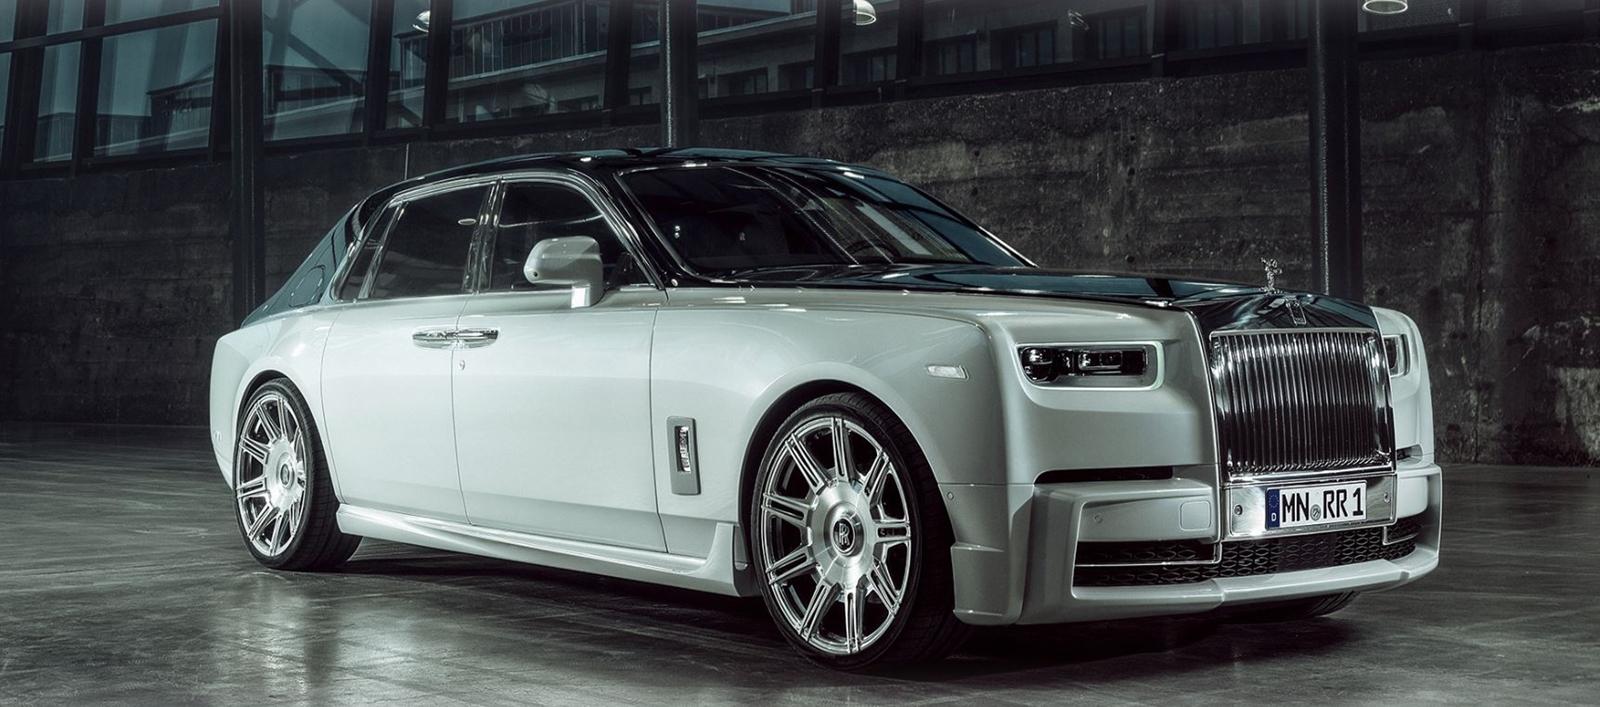 Rolls Royce Phantom Spofec (3)